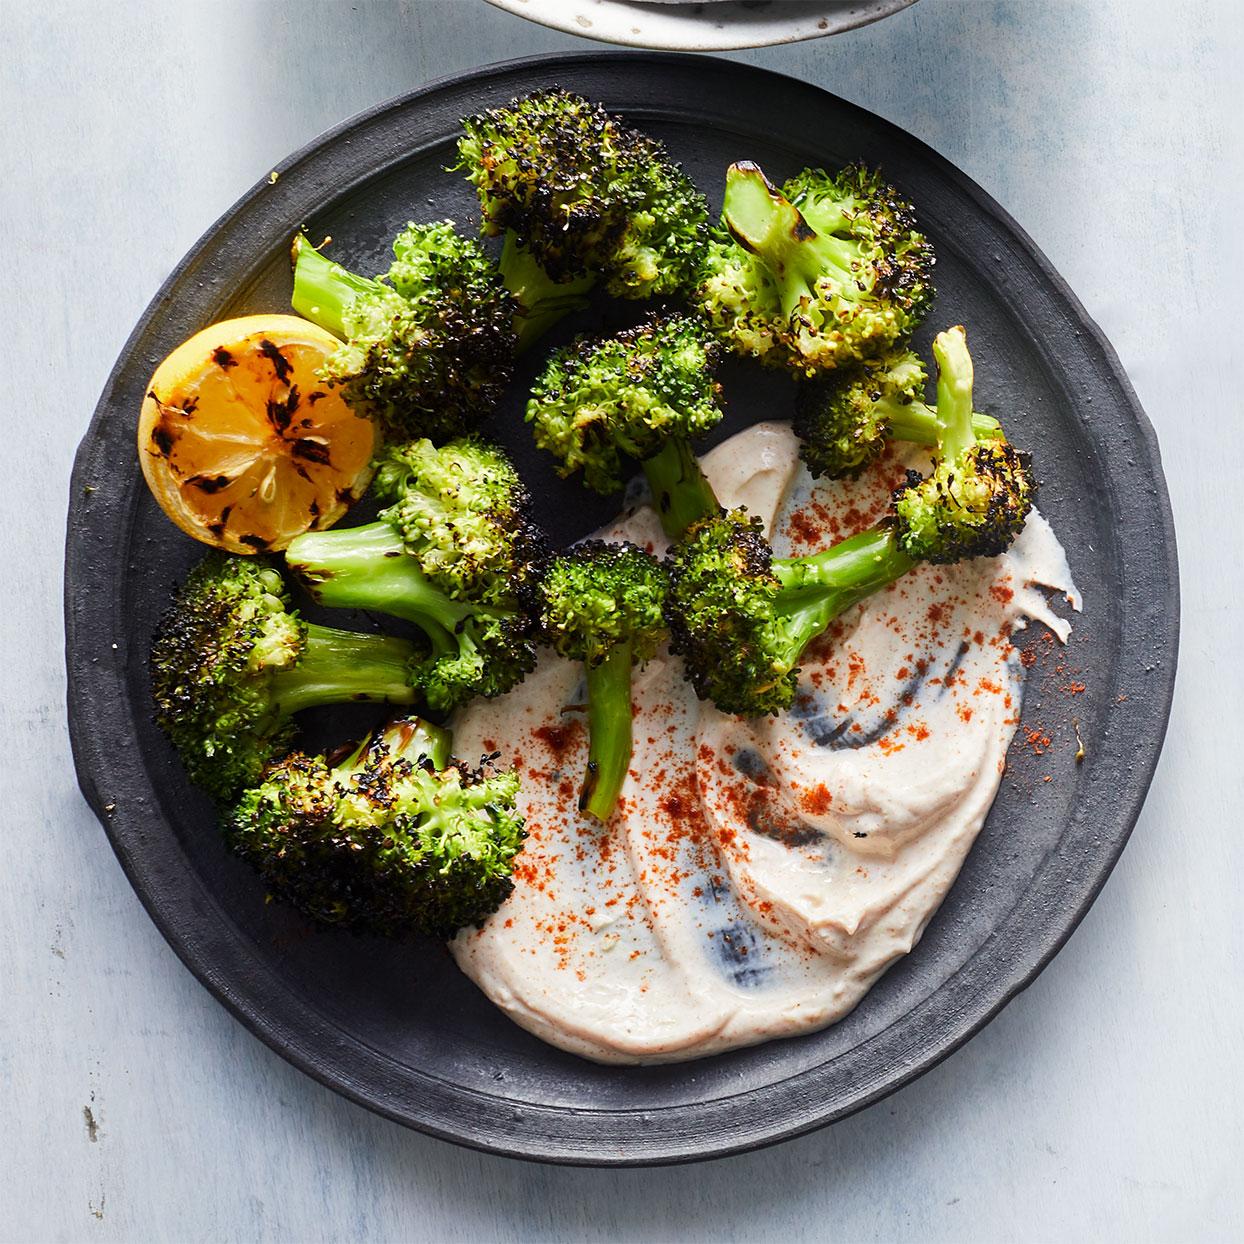 Grilled Broccoli with Smoky Yogurt Sauce Devon O'Brien